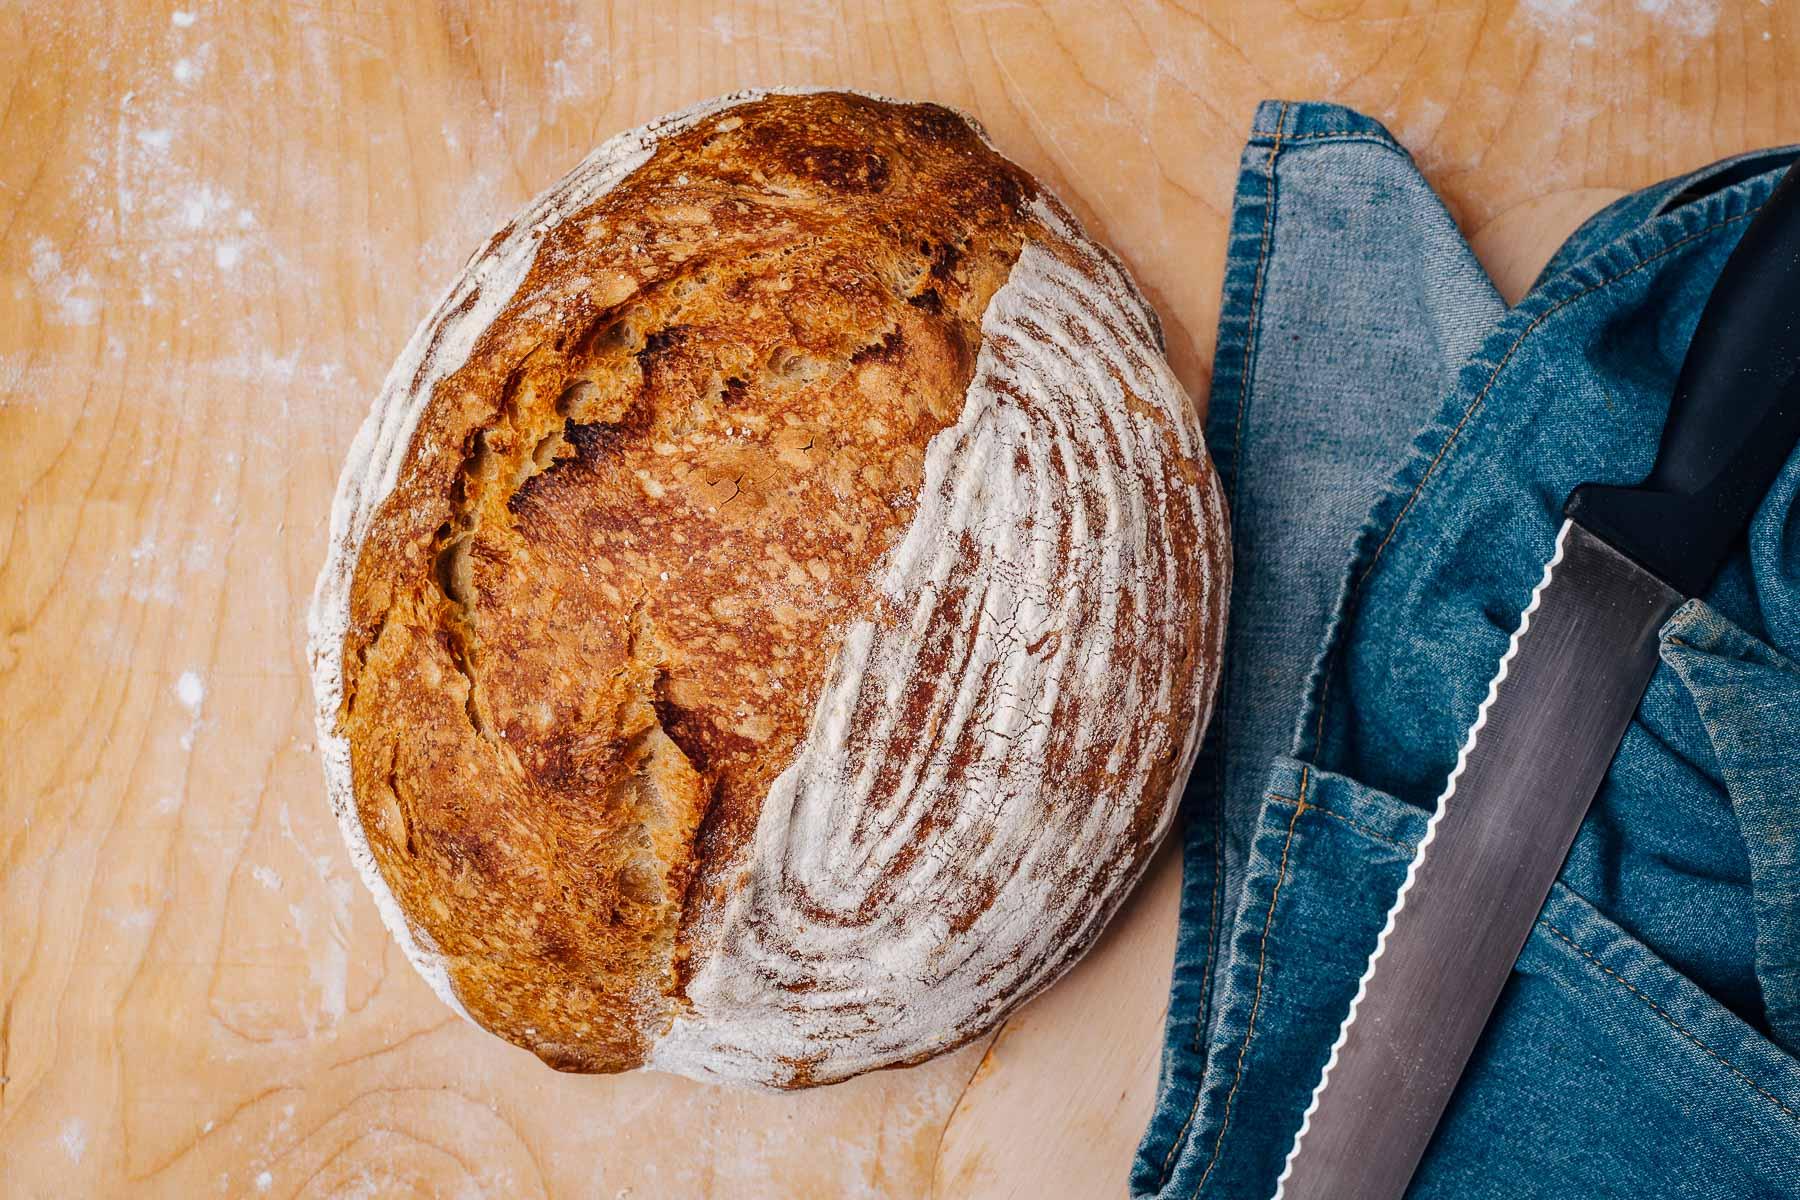 Gotowe! Po około godzinie od wyjęcia z piekarnika można zacząć kroić chleb.